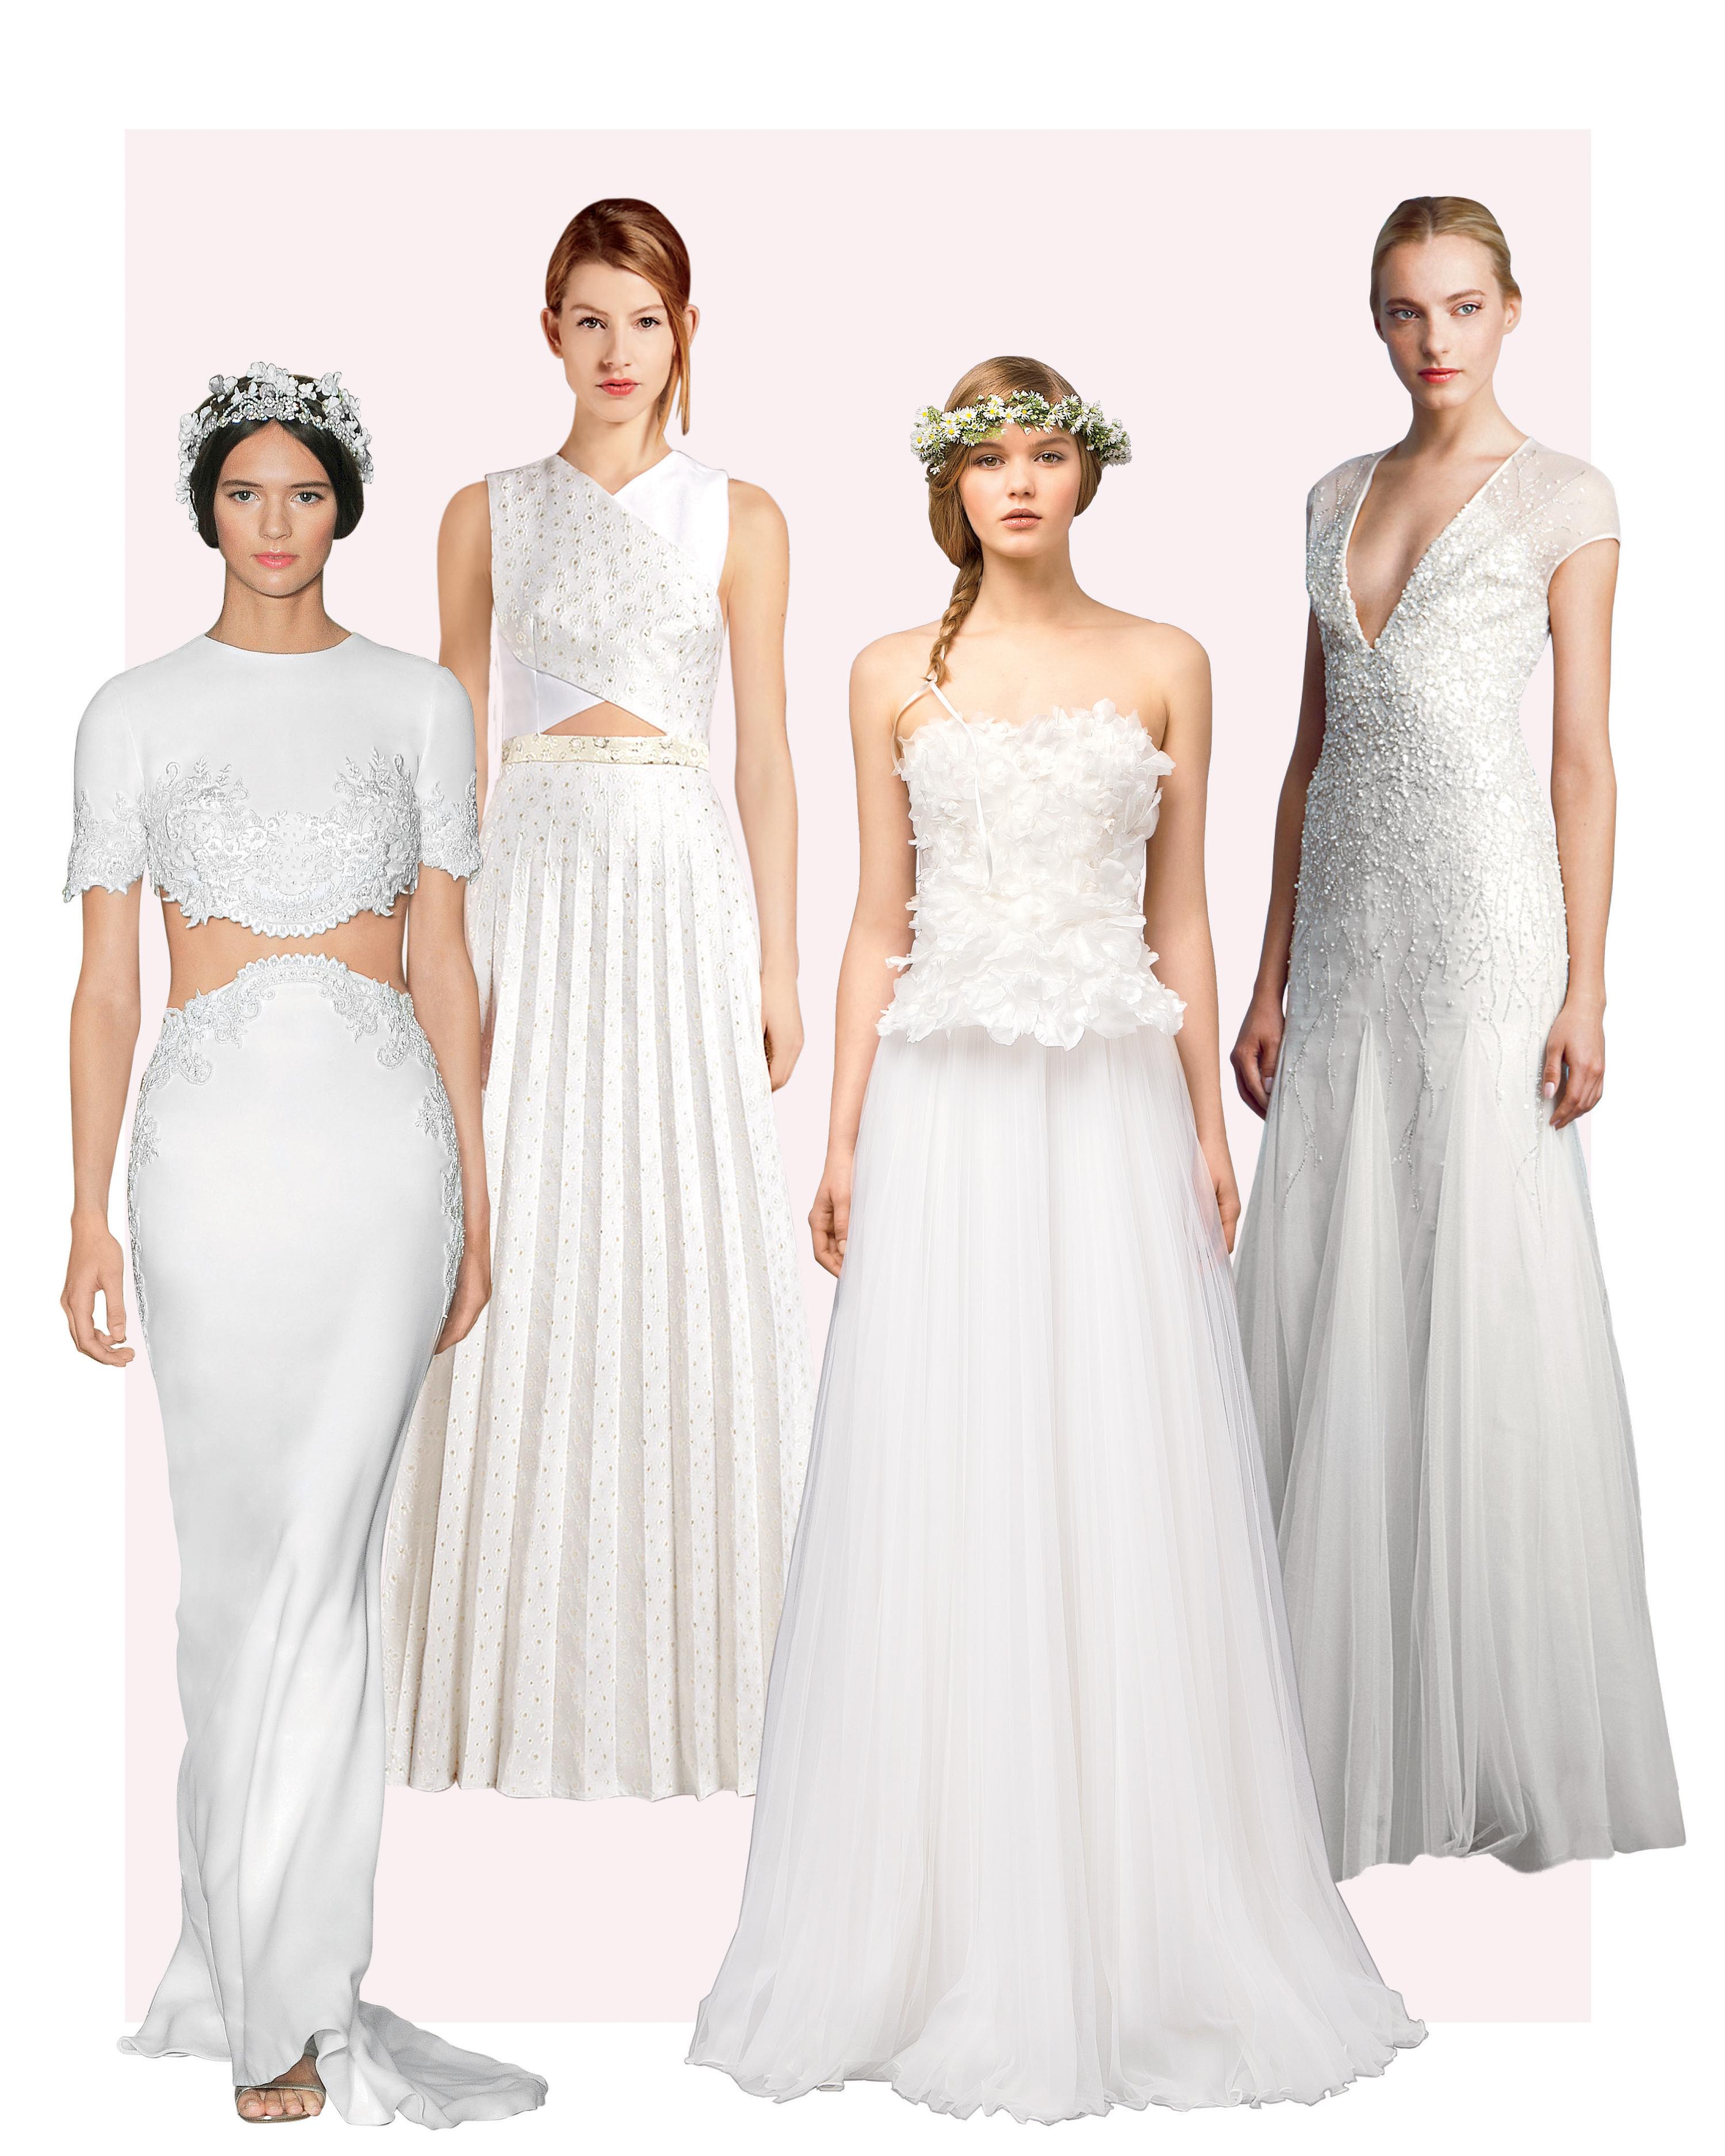 wedding-dress-trends-lookbook-opener-collage-0415.jpg